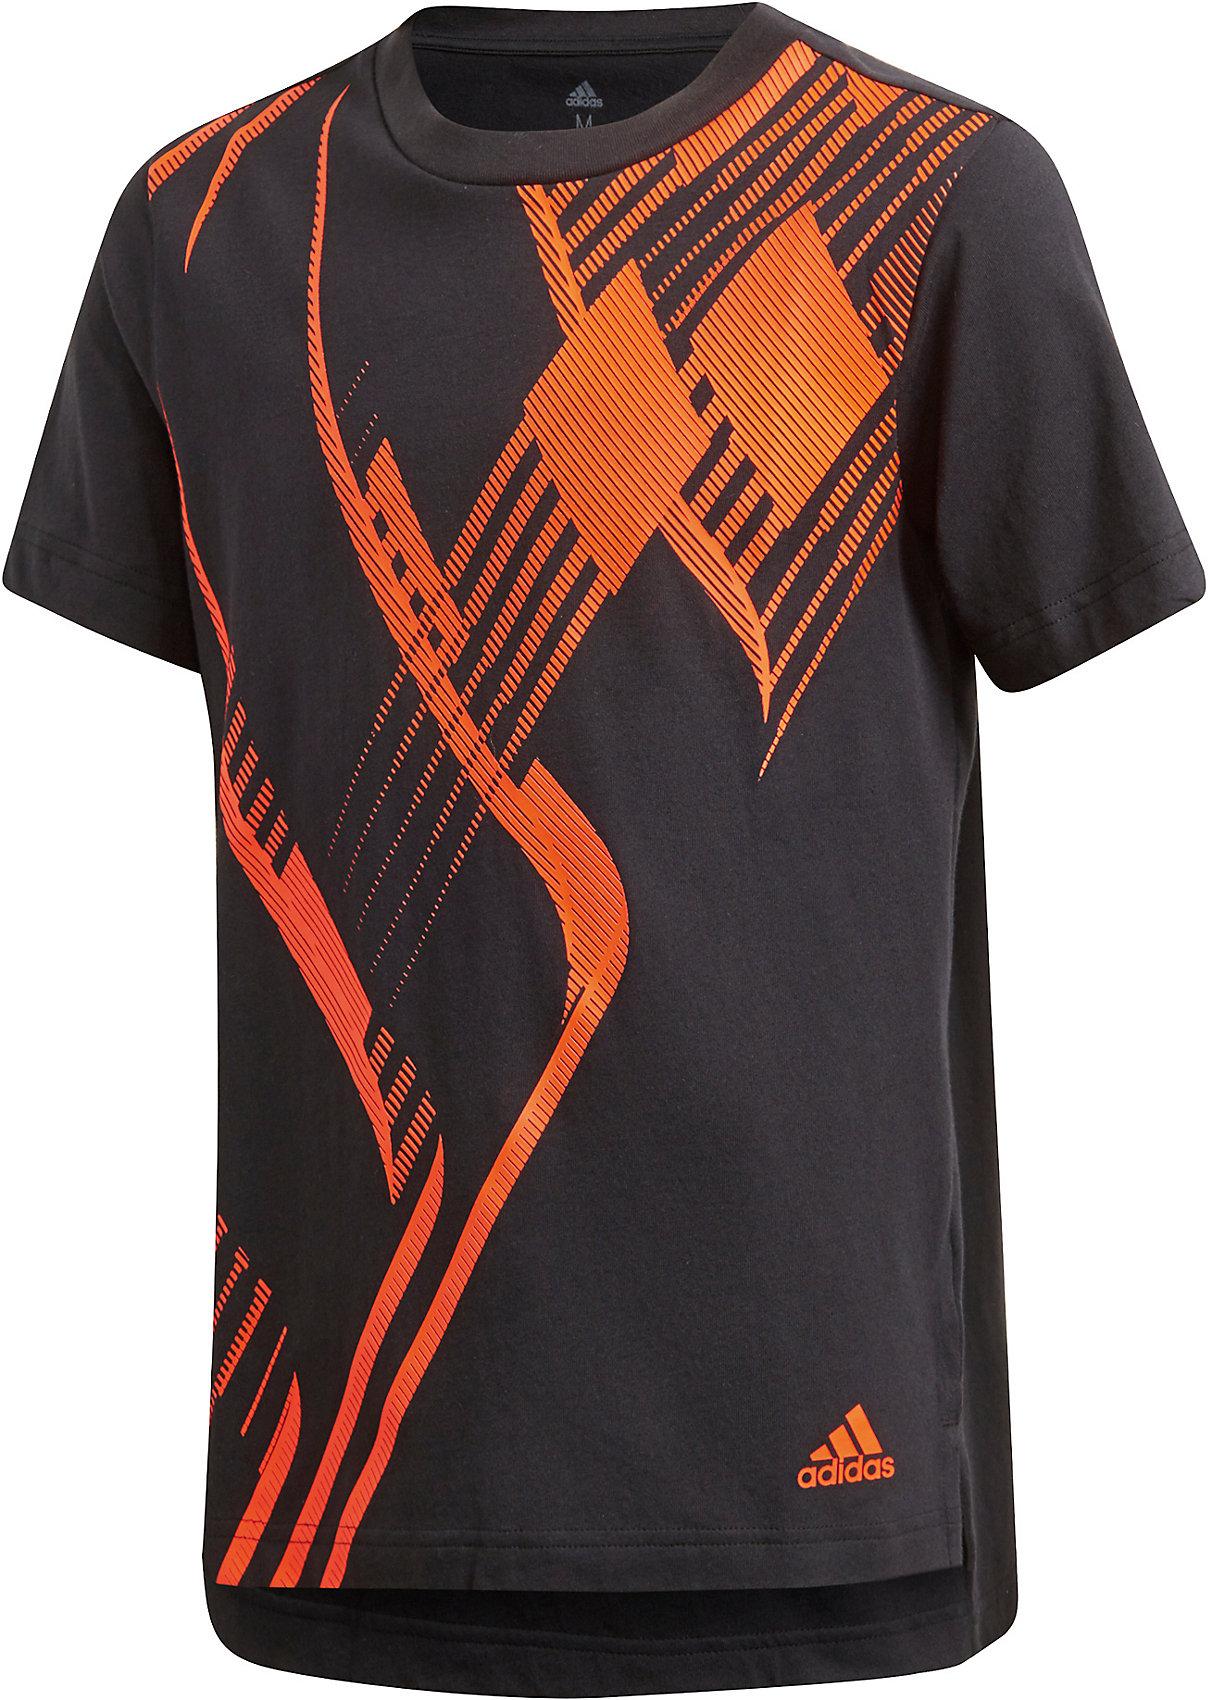 Details zu Neu adidas Performance Predator T Shirt für Jungen 8607660 für Jungen